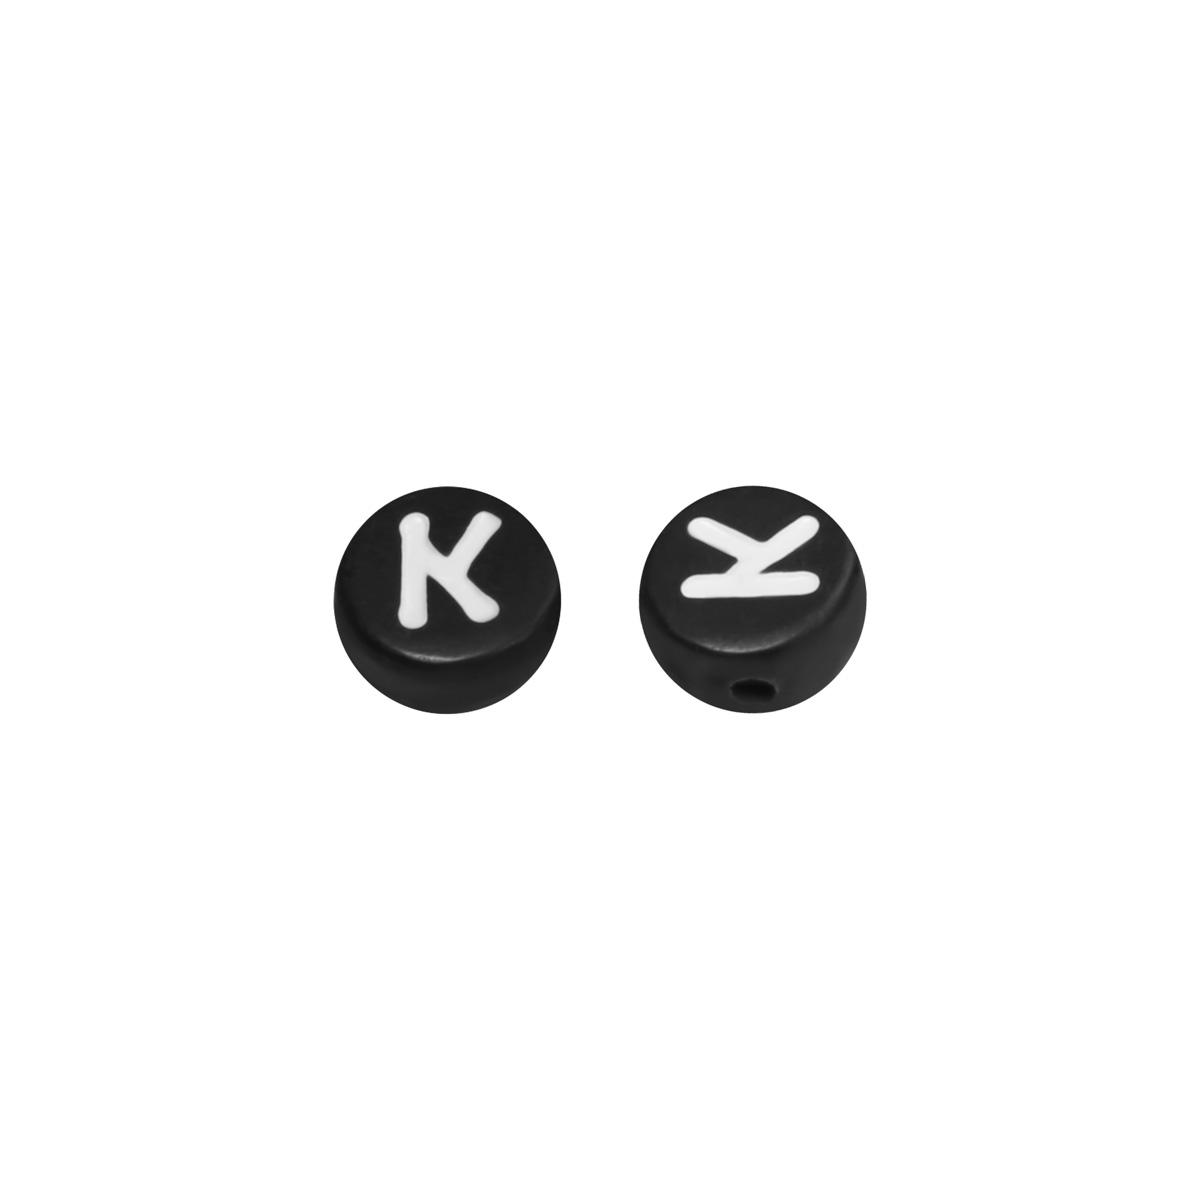 Diy flat beads letter k - 7mm